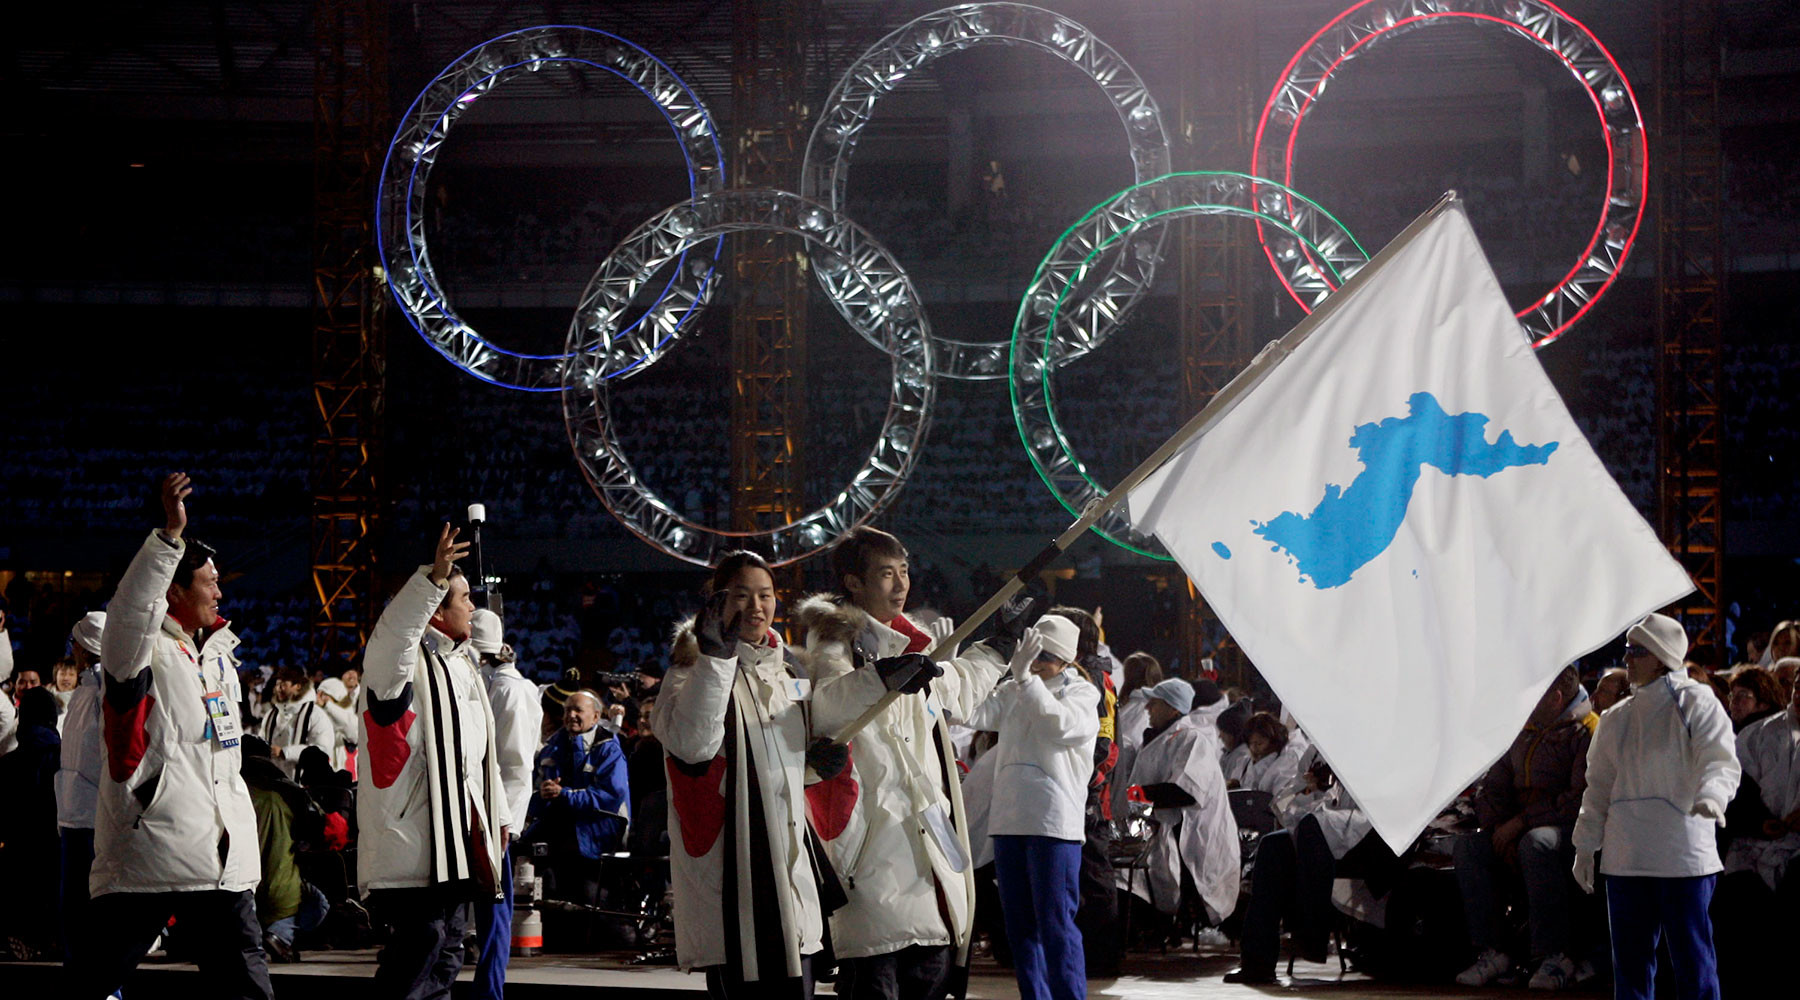 В КНДР согласились послать делегацию в Пхёнчхан на зимние Олимпийские игры